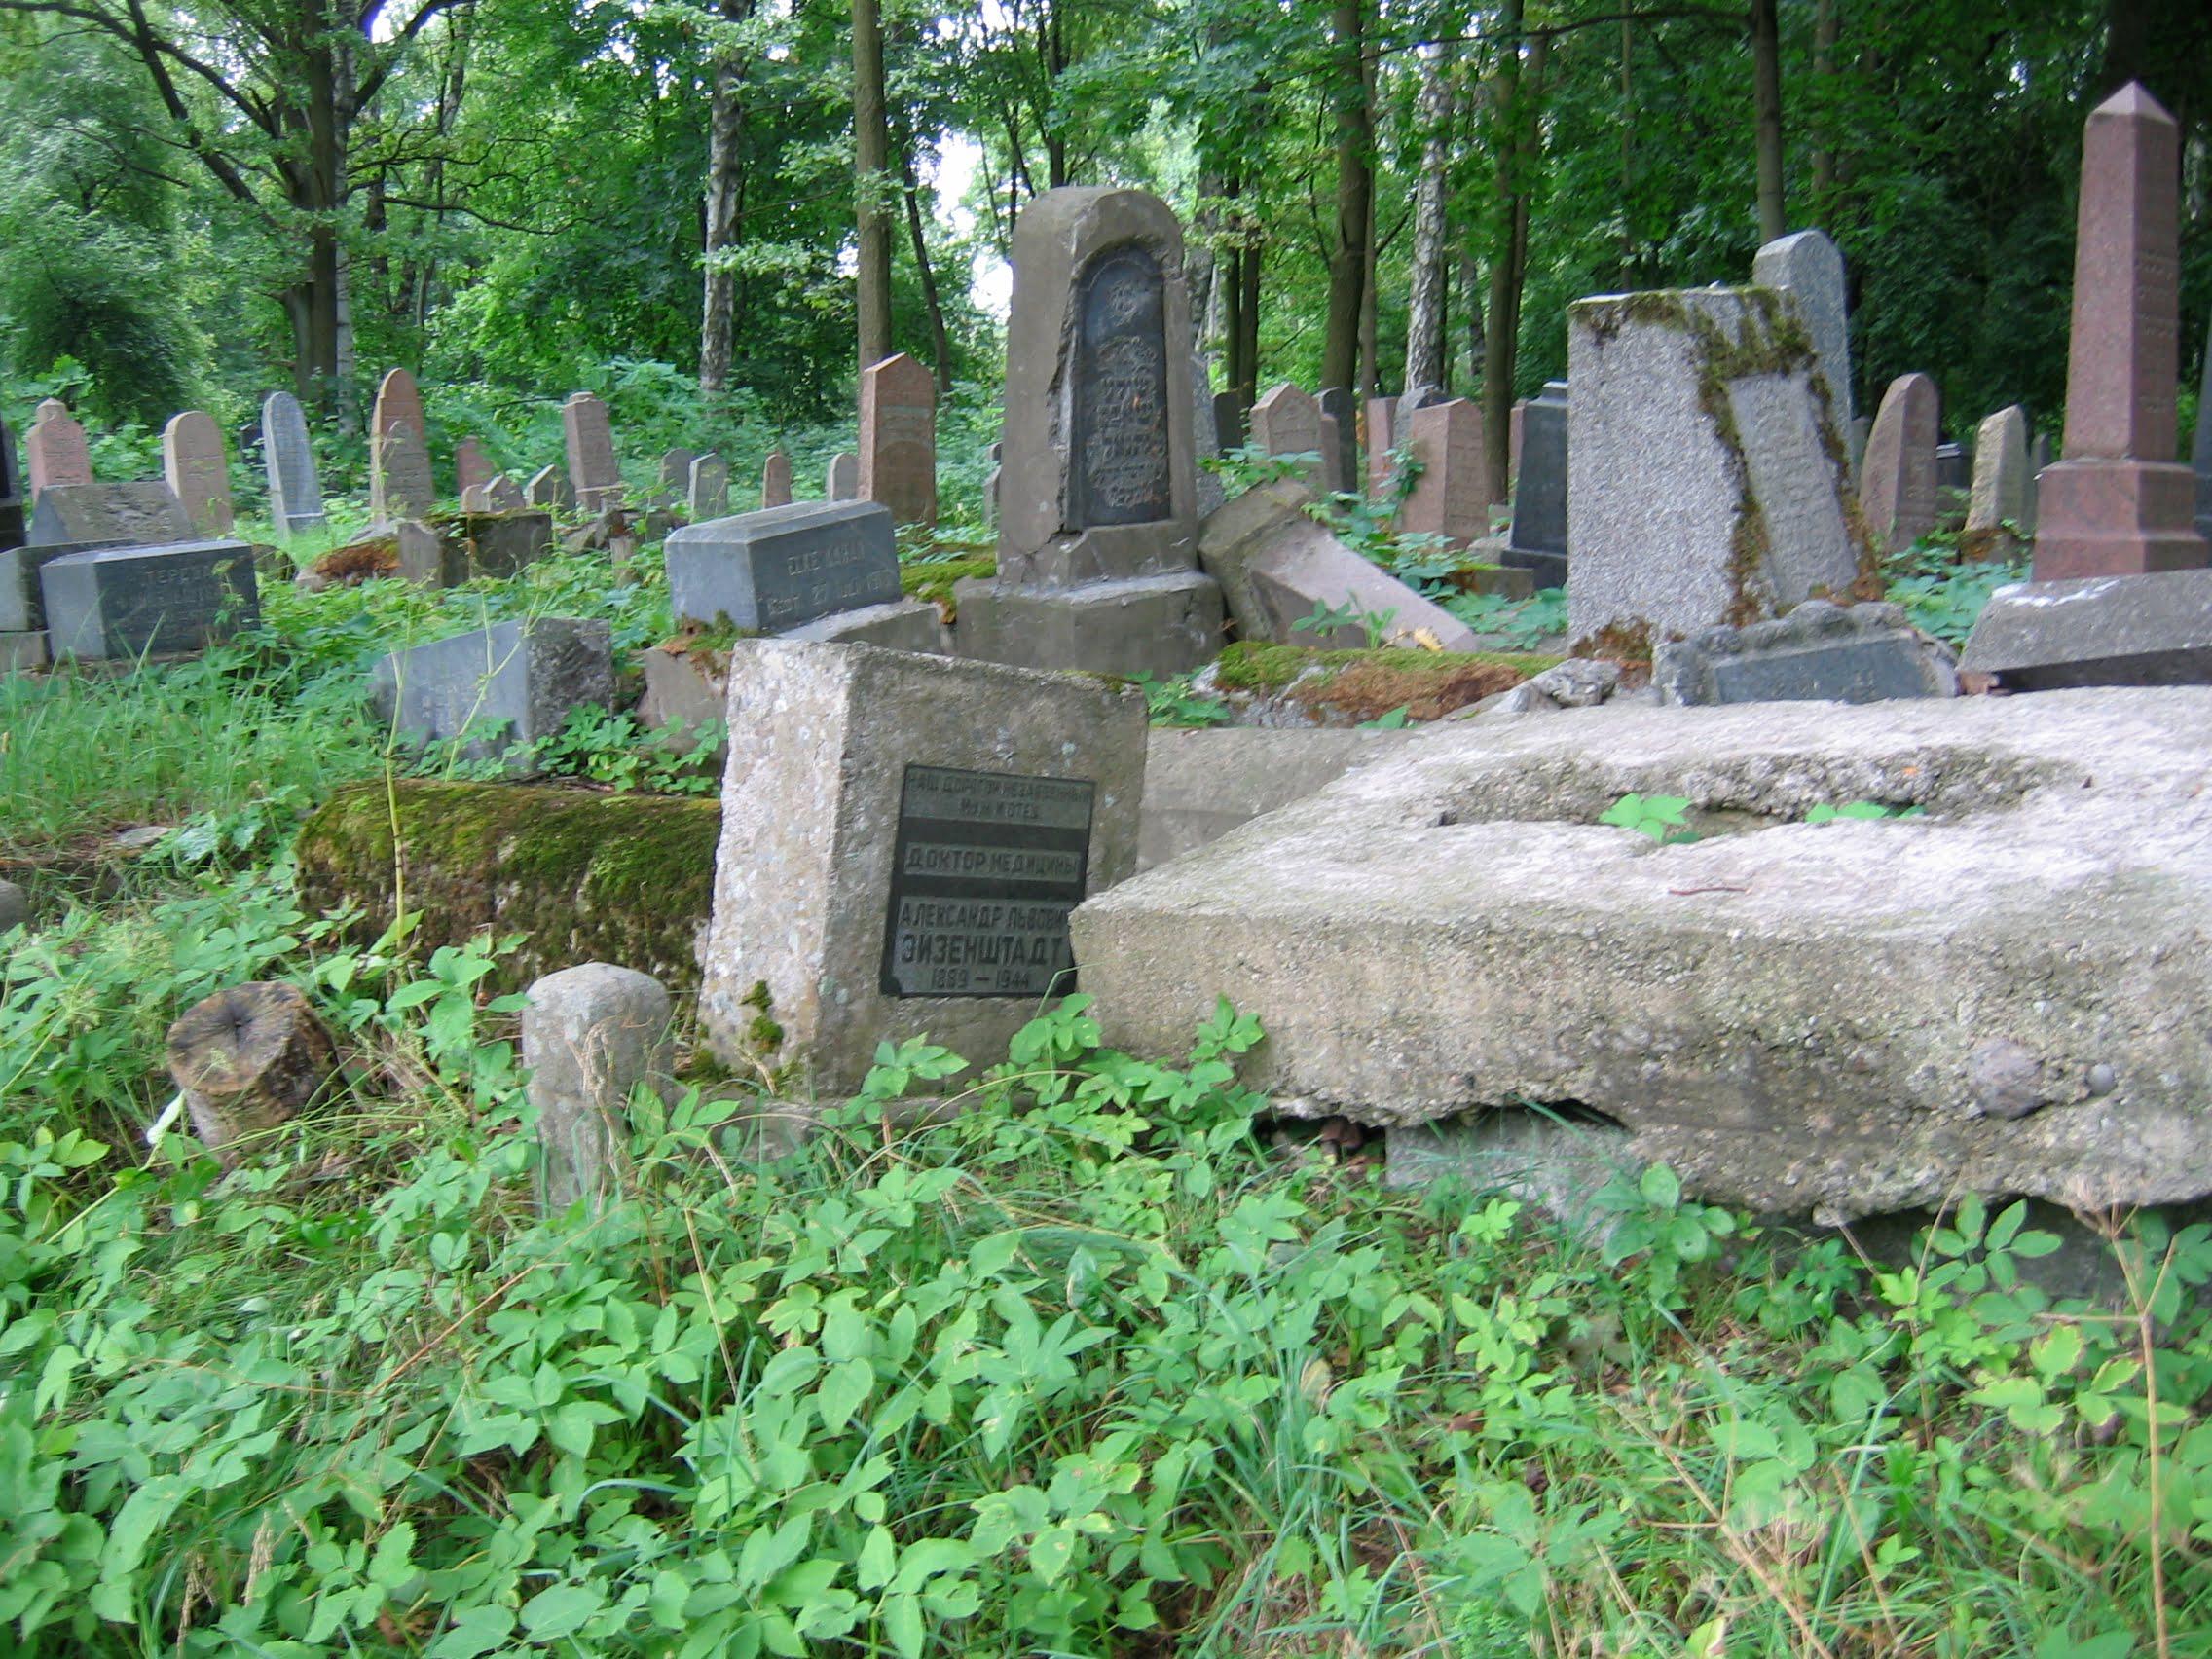 Kaunas Jewish Cemetery, 2006. Photo (c) Ruth Ellen Gruber